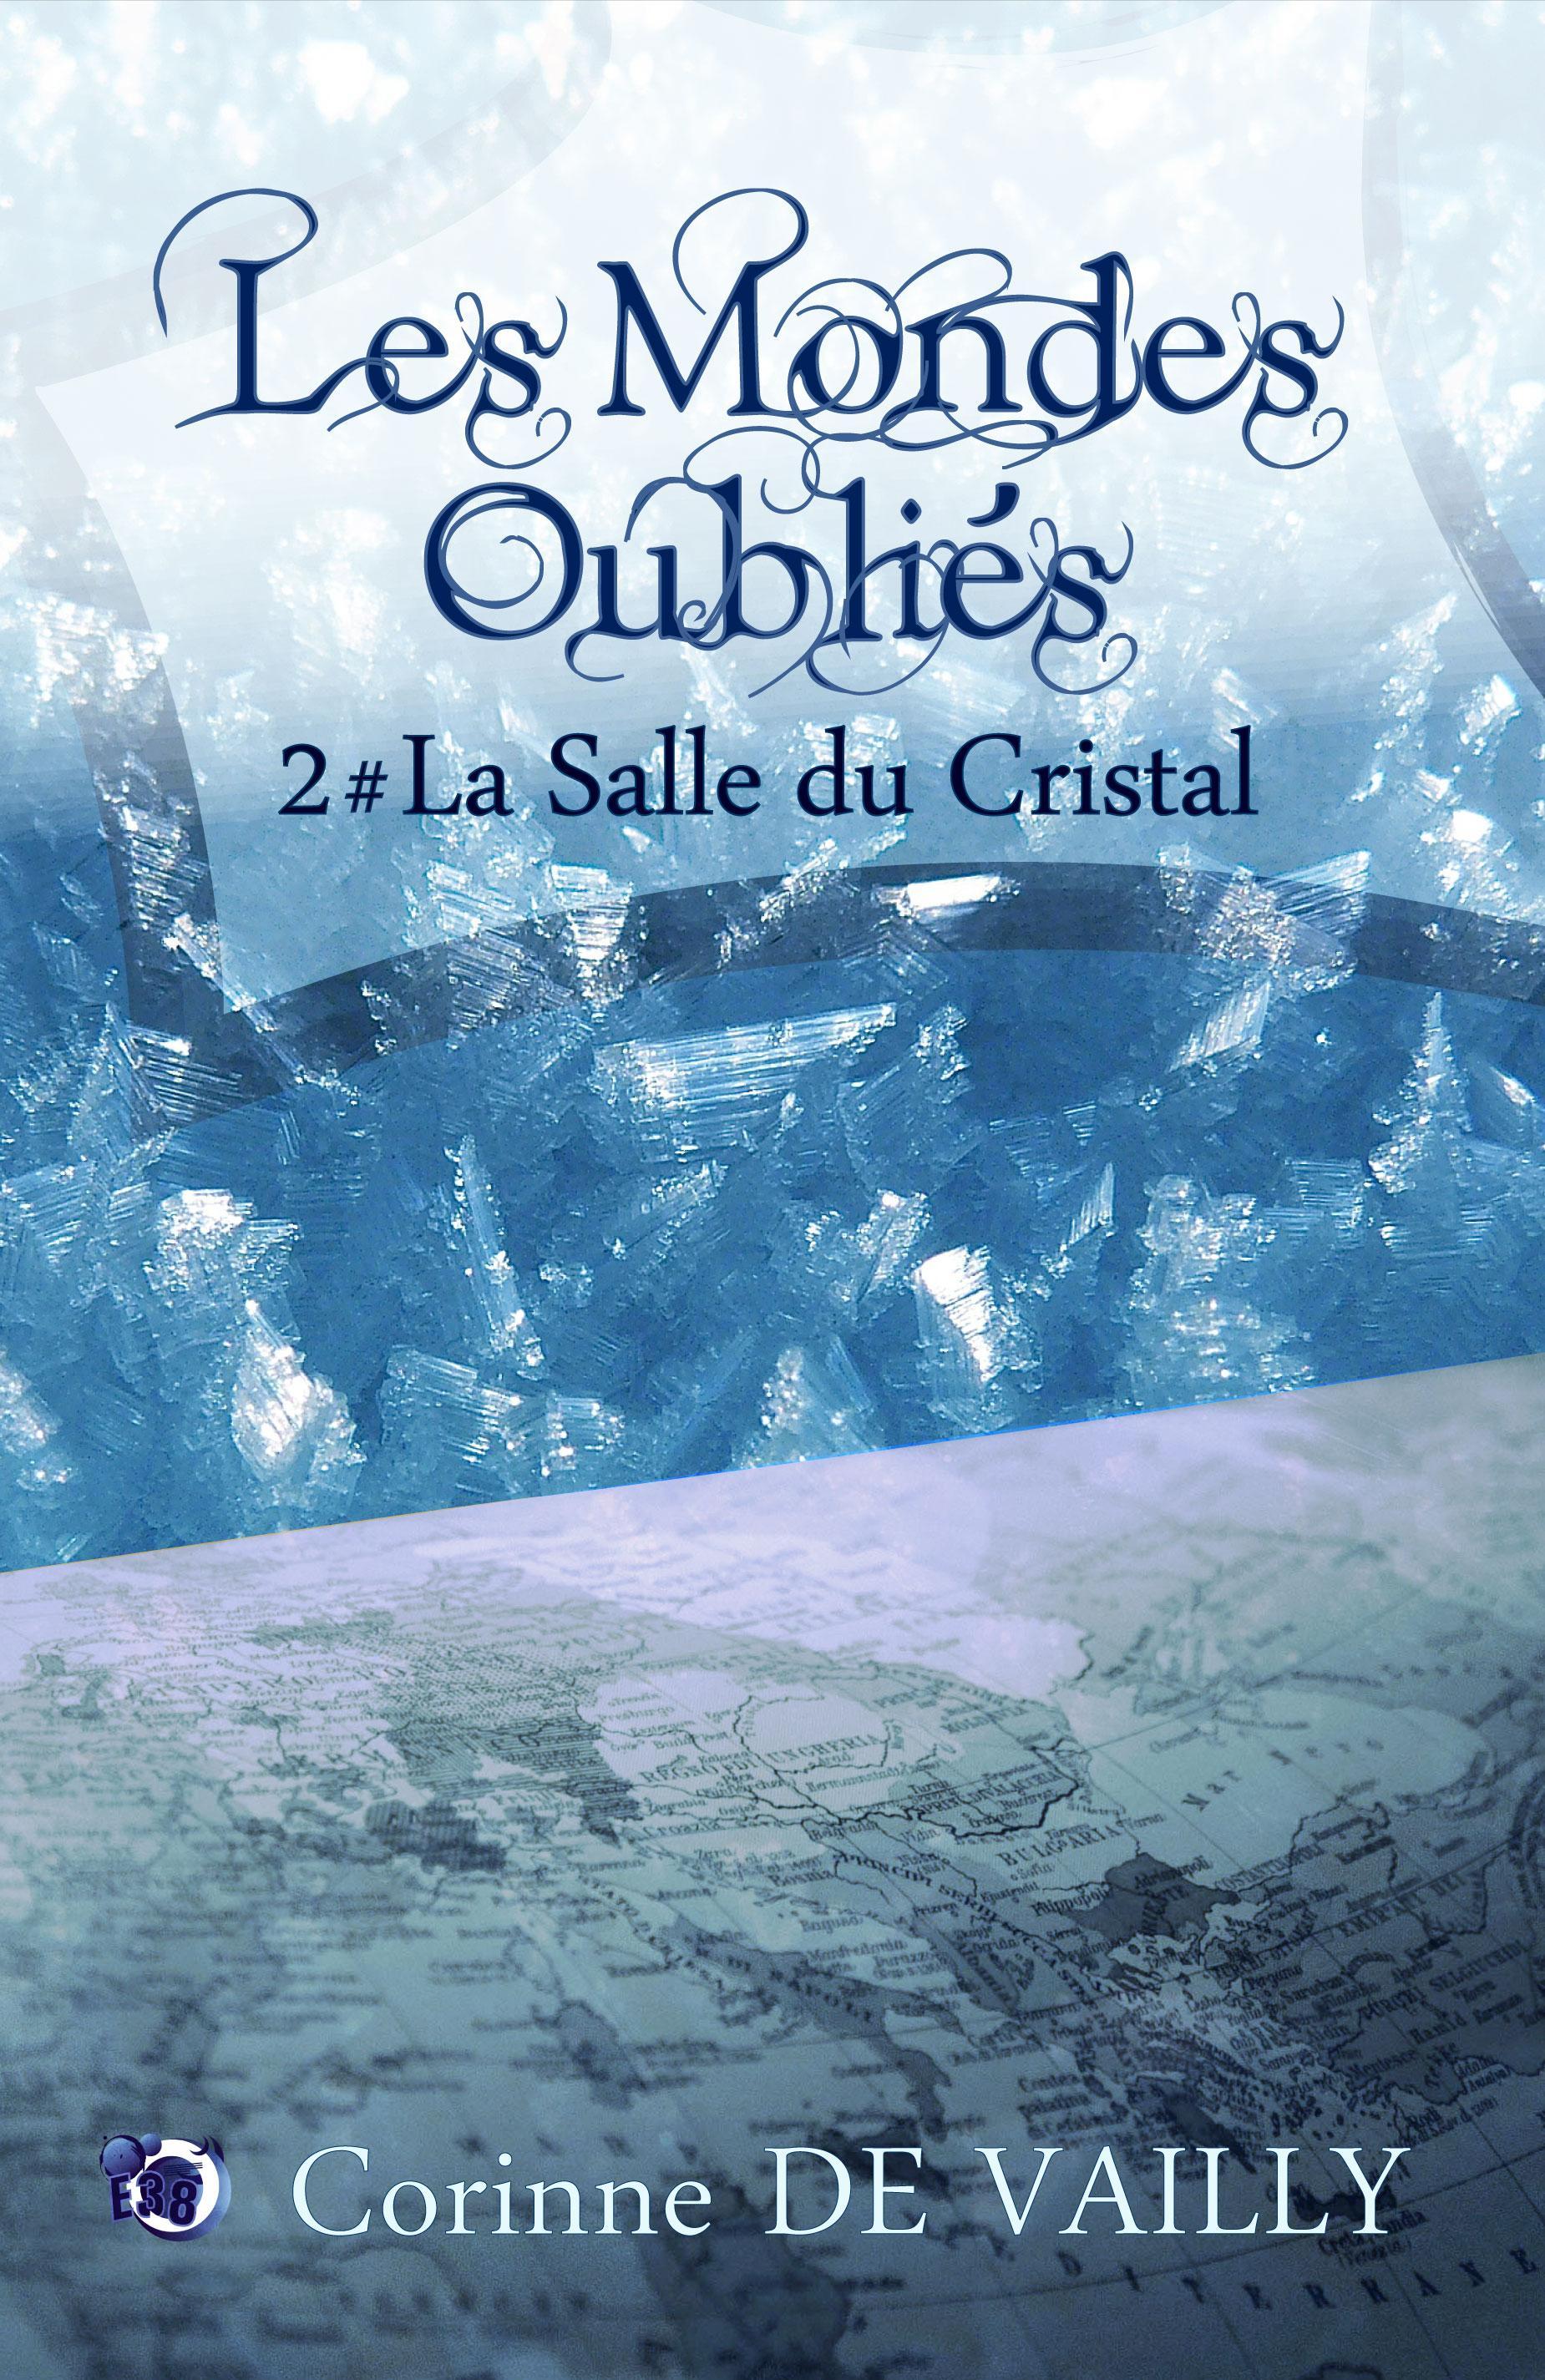 La salle de cristal, LES MONDES OUBLIÉS TOME 2